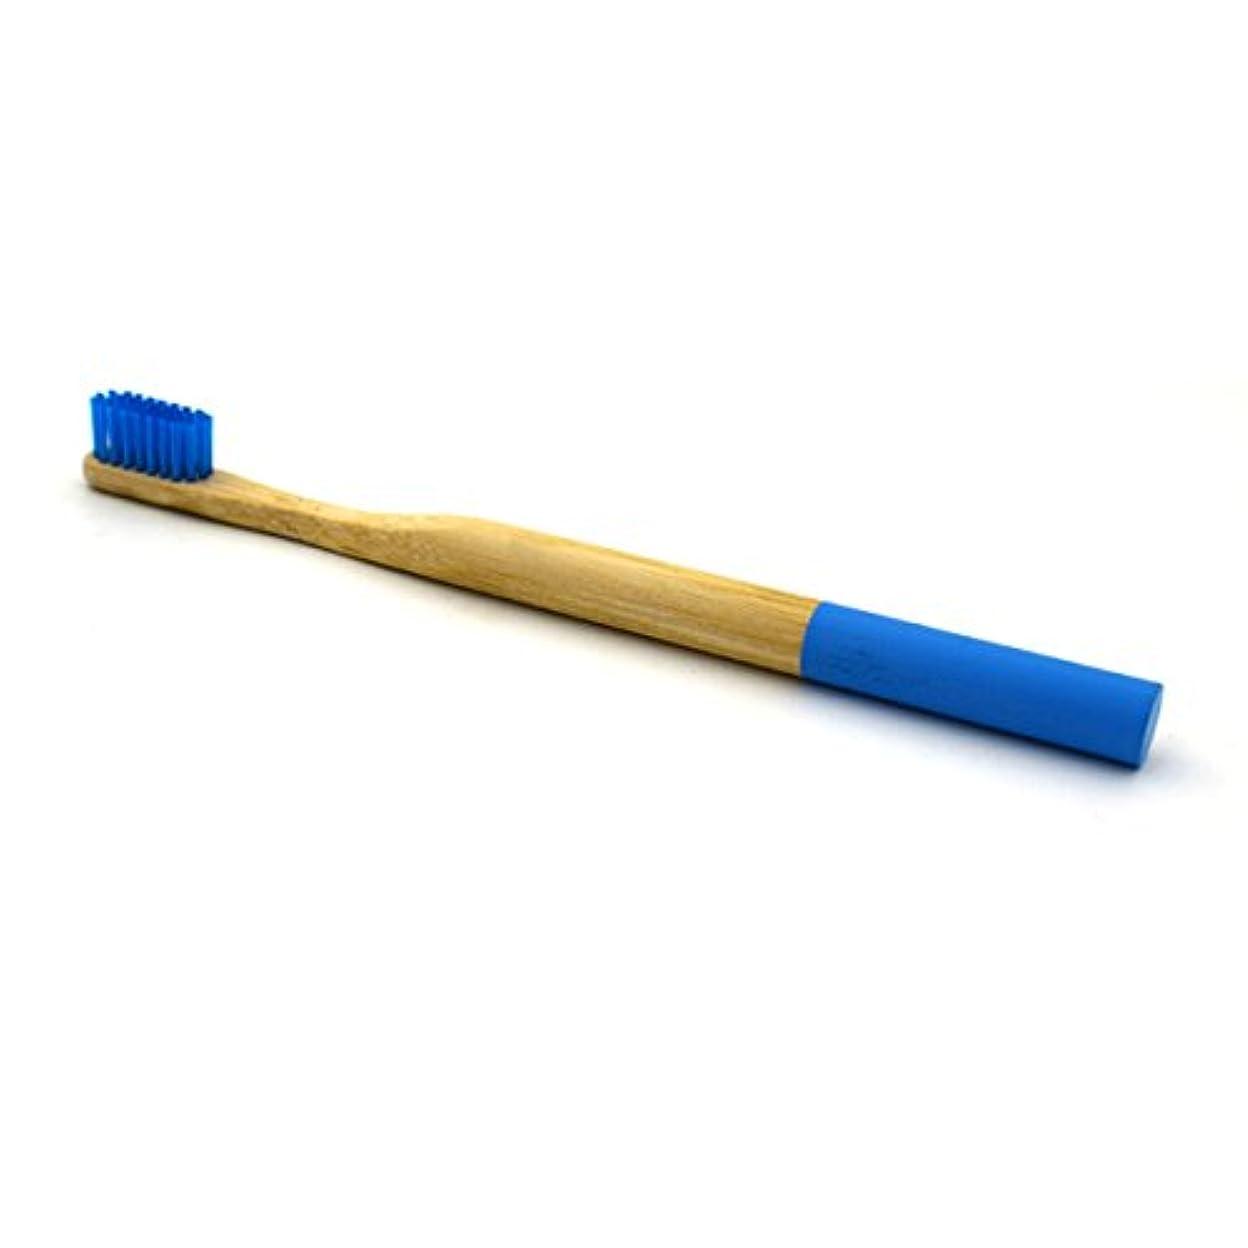 火山学者節約アーネストシャクルトンHEALLILY 円形のハンドルのEcoの友好的で柔らかい剛毛の歯ブラシが付いている2 PCS自然なタケ歯ブラシ